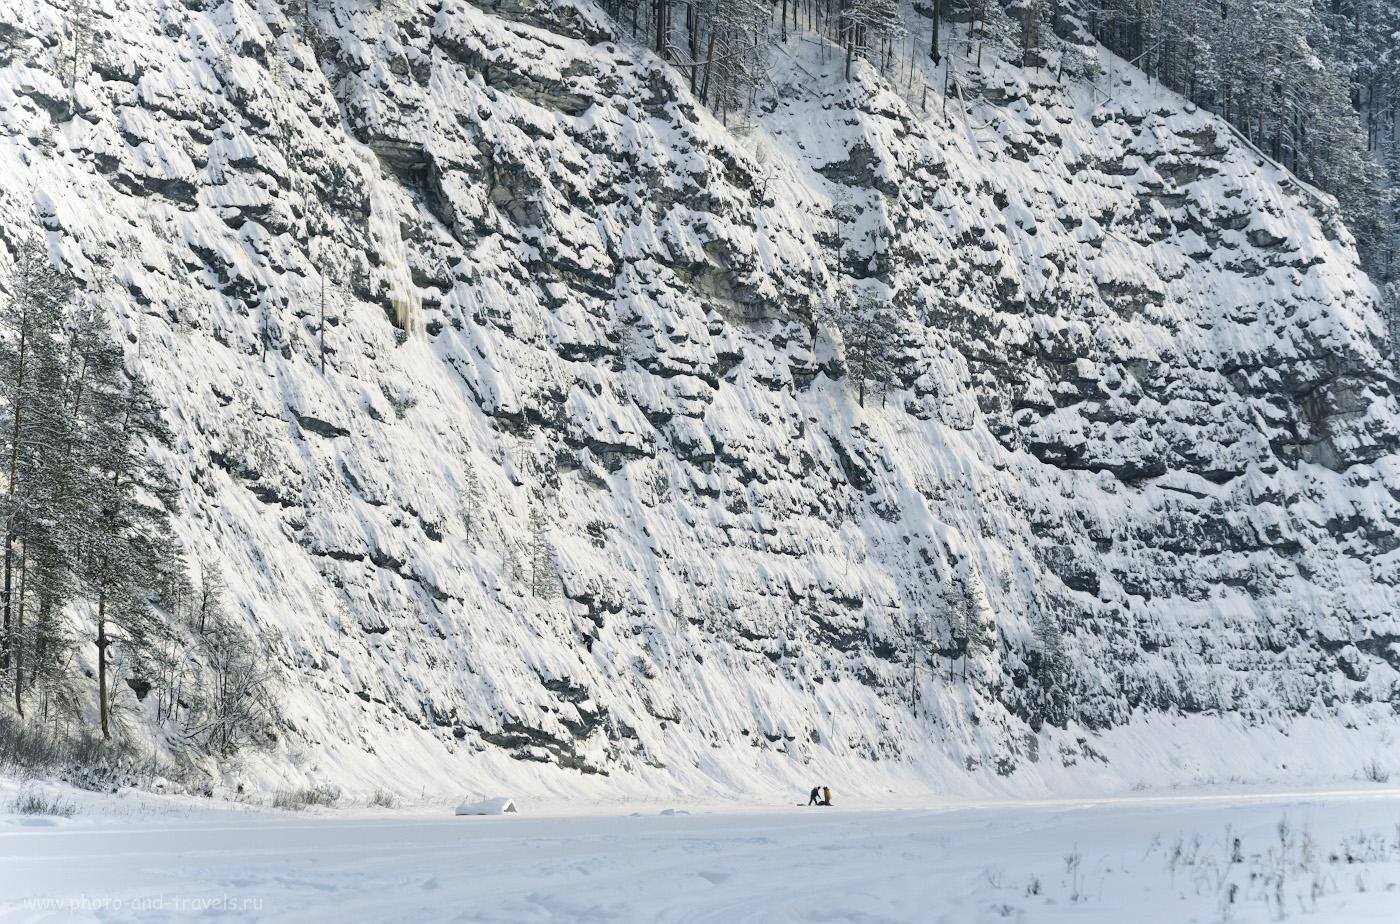 14. Скалолазы у подножия ледопада на камне Великан. Как мы путешествовали по Пермскому краю зимой. 1/400, 6.3, 220, +0.67, 200.